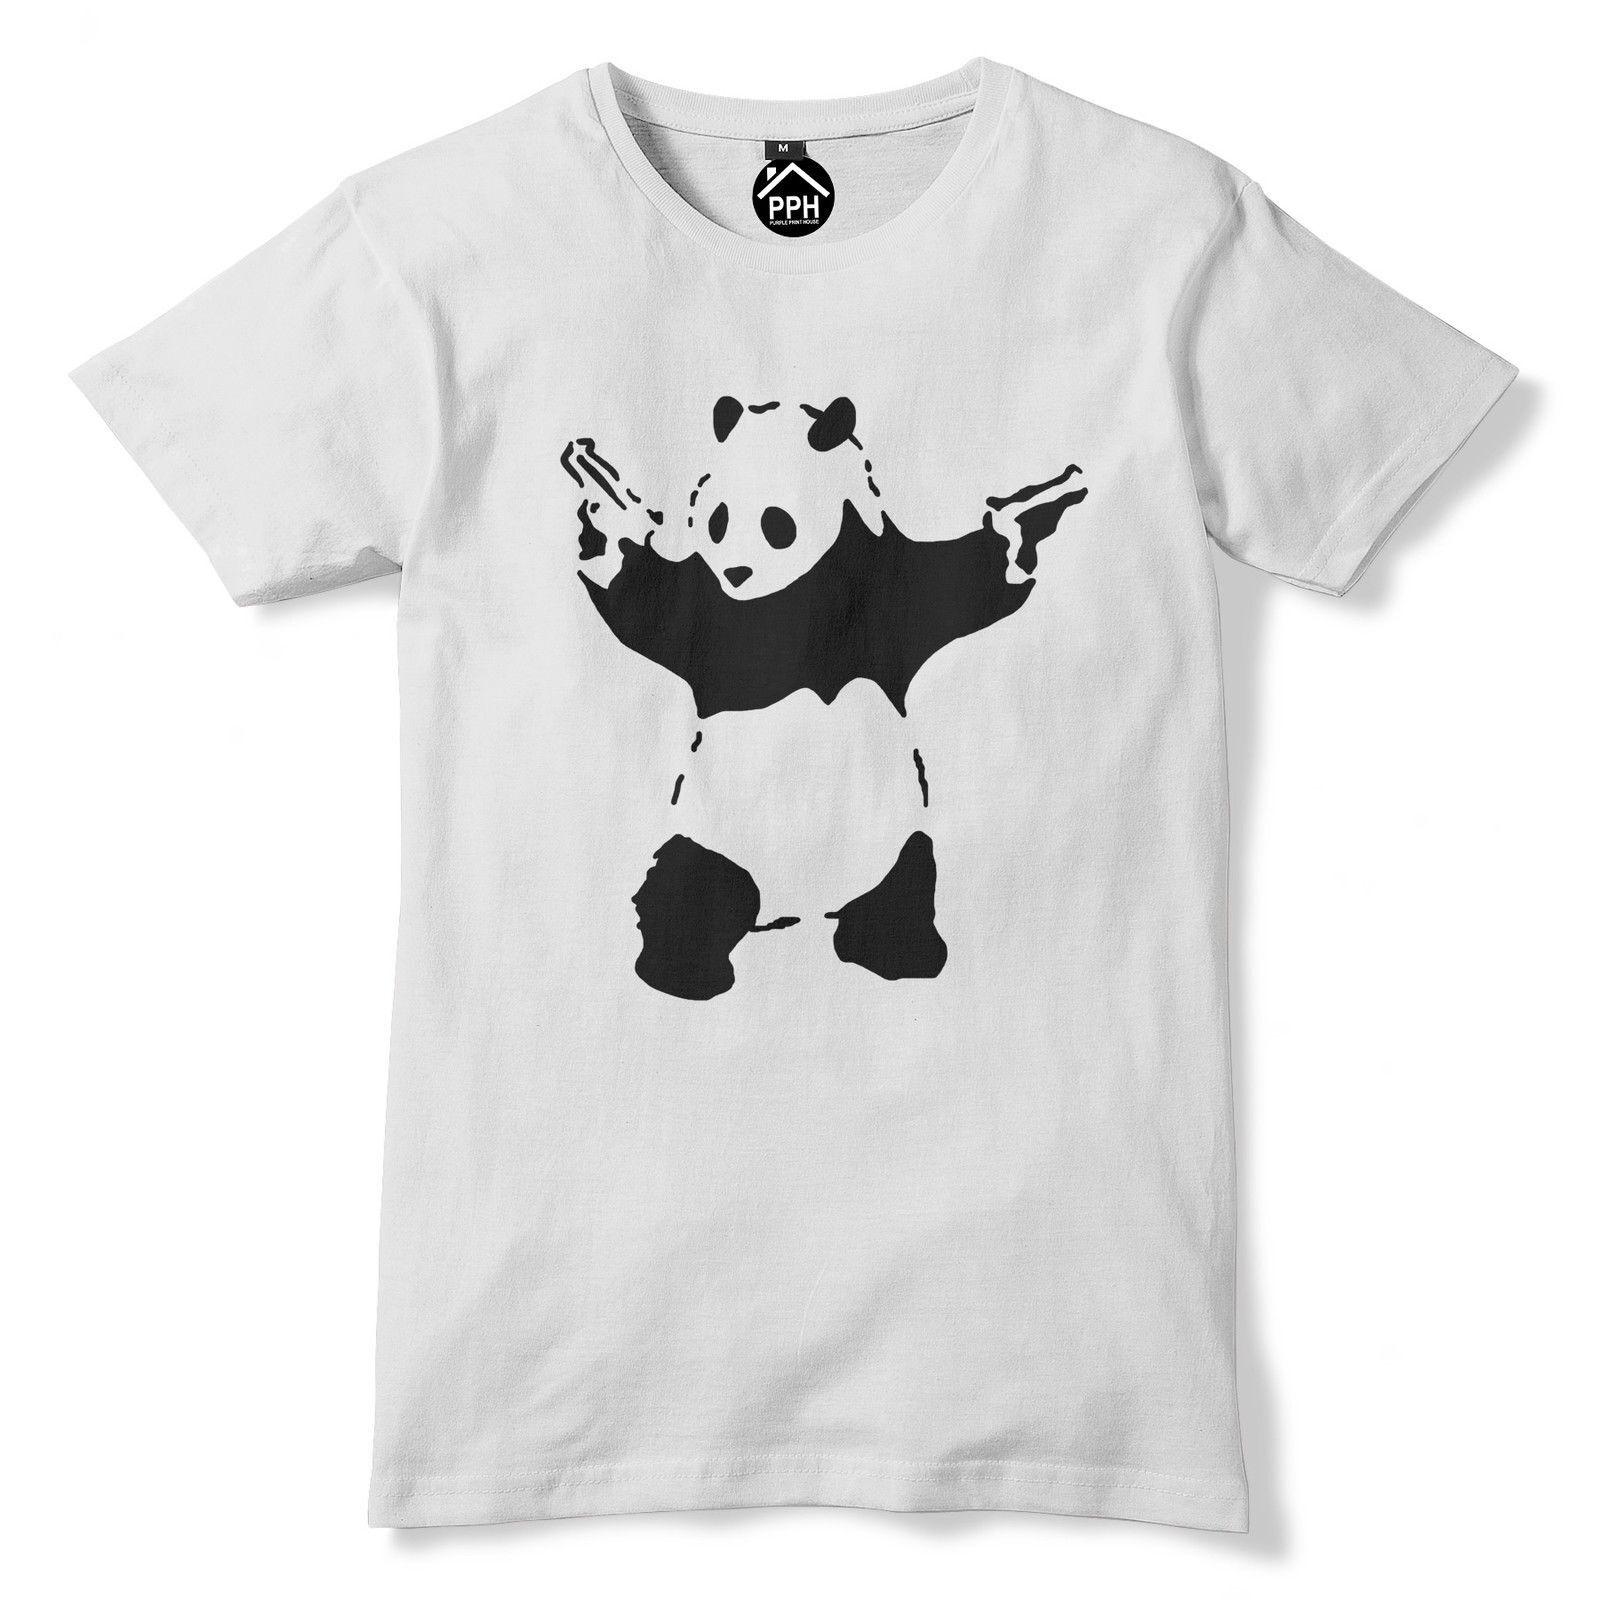 81017512 Banksy Panda Pistols T Shirt Graffiti Art Tshirt Mens Womens Gift Top 63  Fashion Style Men Tee 2019 fashion t shirt